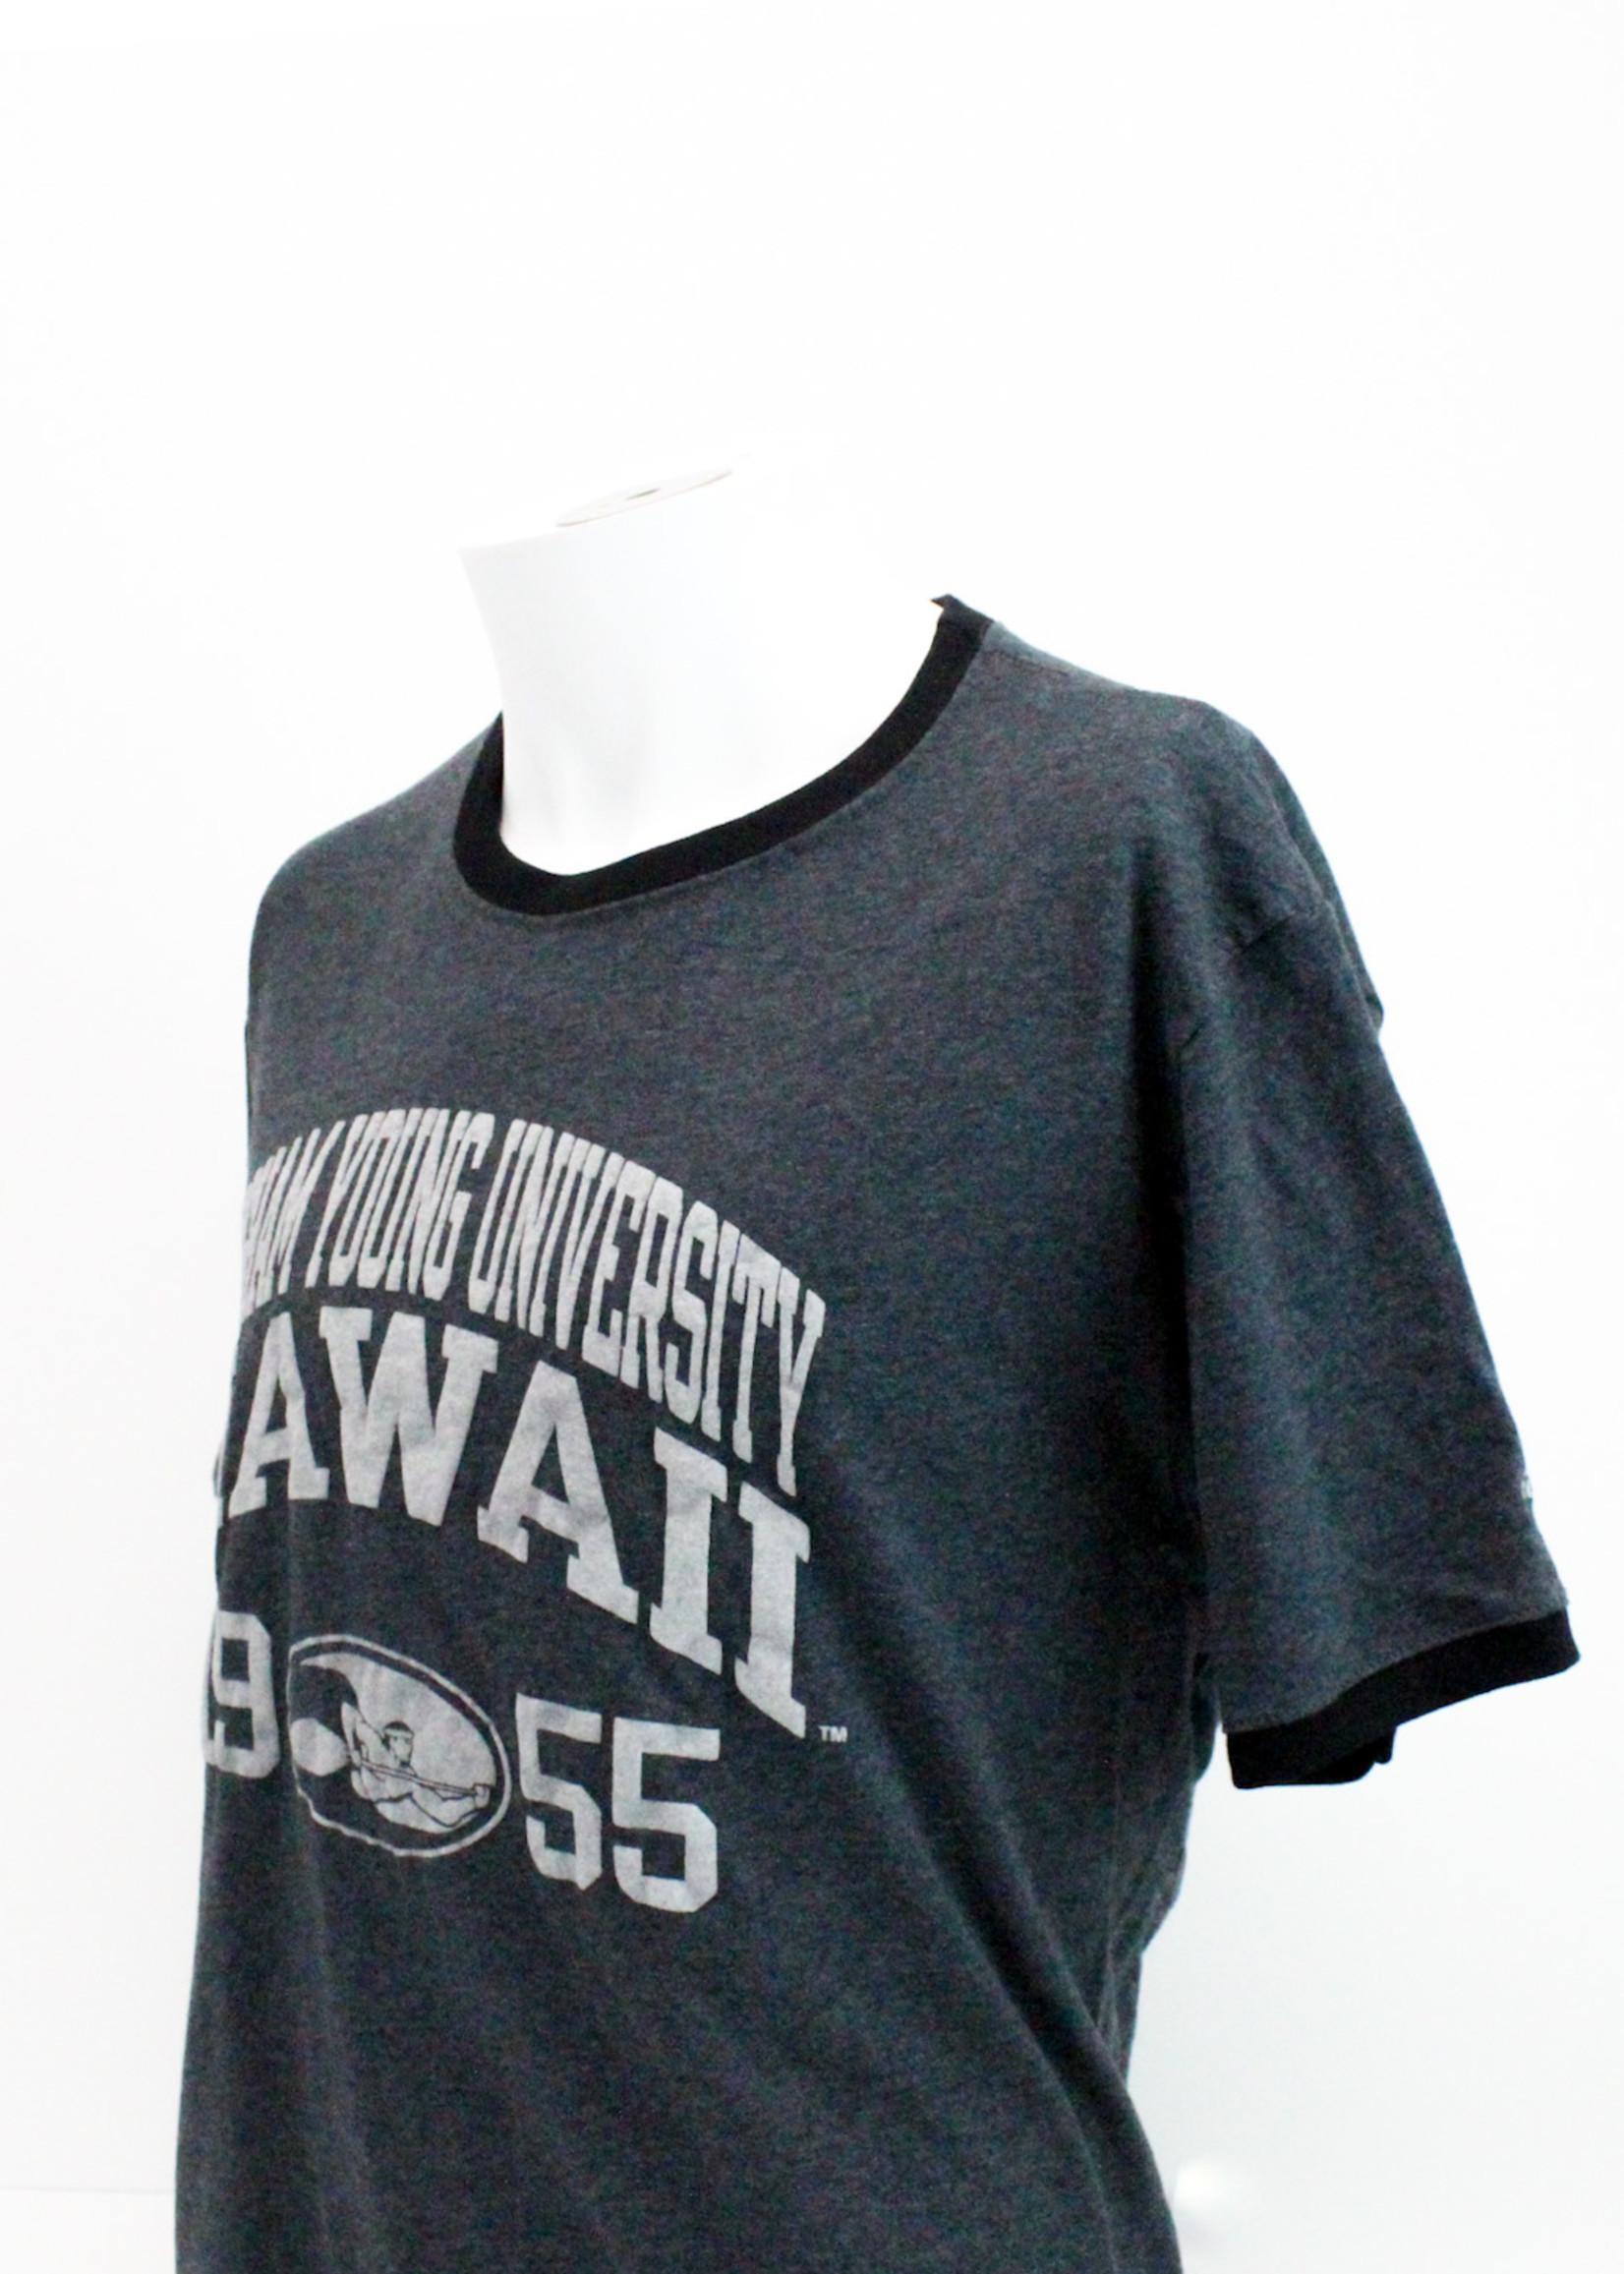 CLR BYU-Hawaii Short Sleeved Ringer Tee